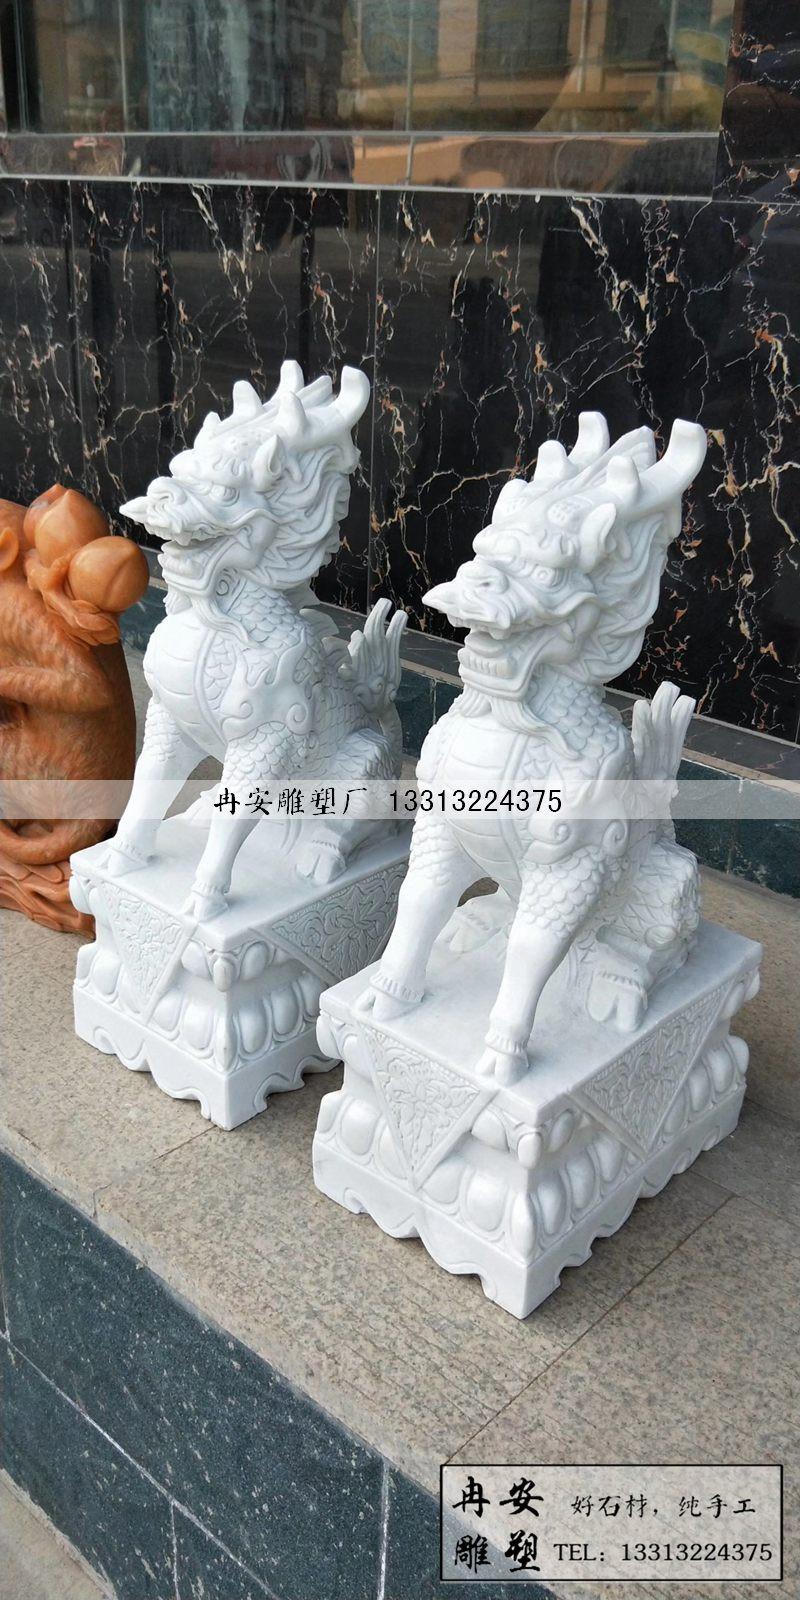 汉白玉石雕麒麟雕塑 雕刻小麒麟 镇宅麒麟风水麒麟